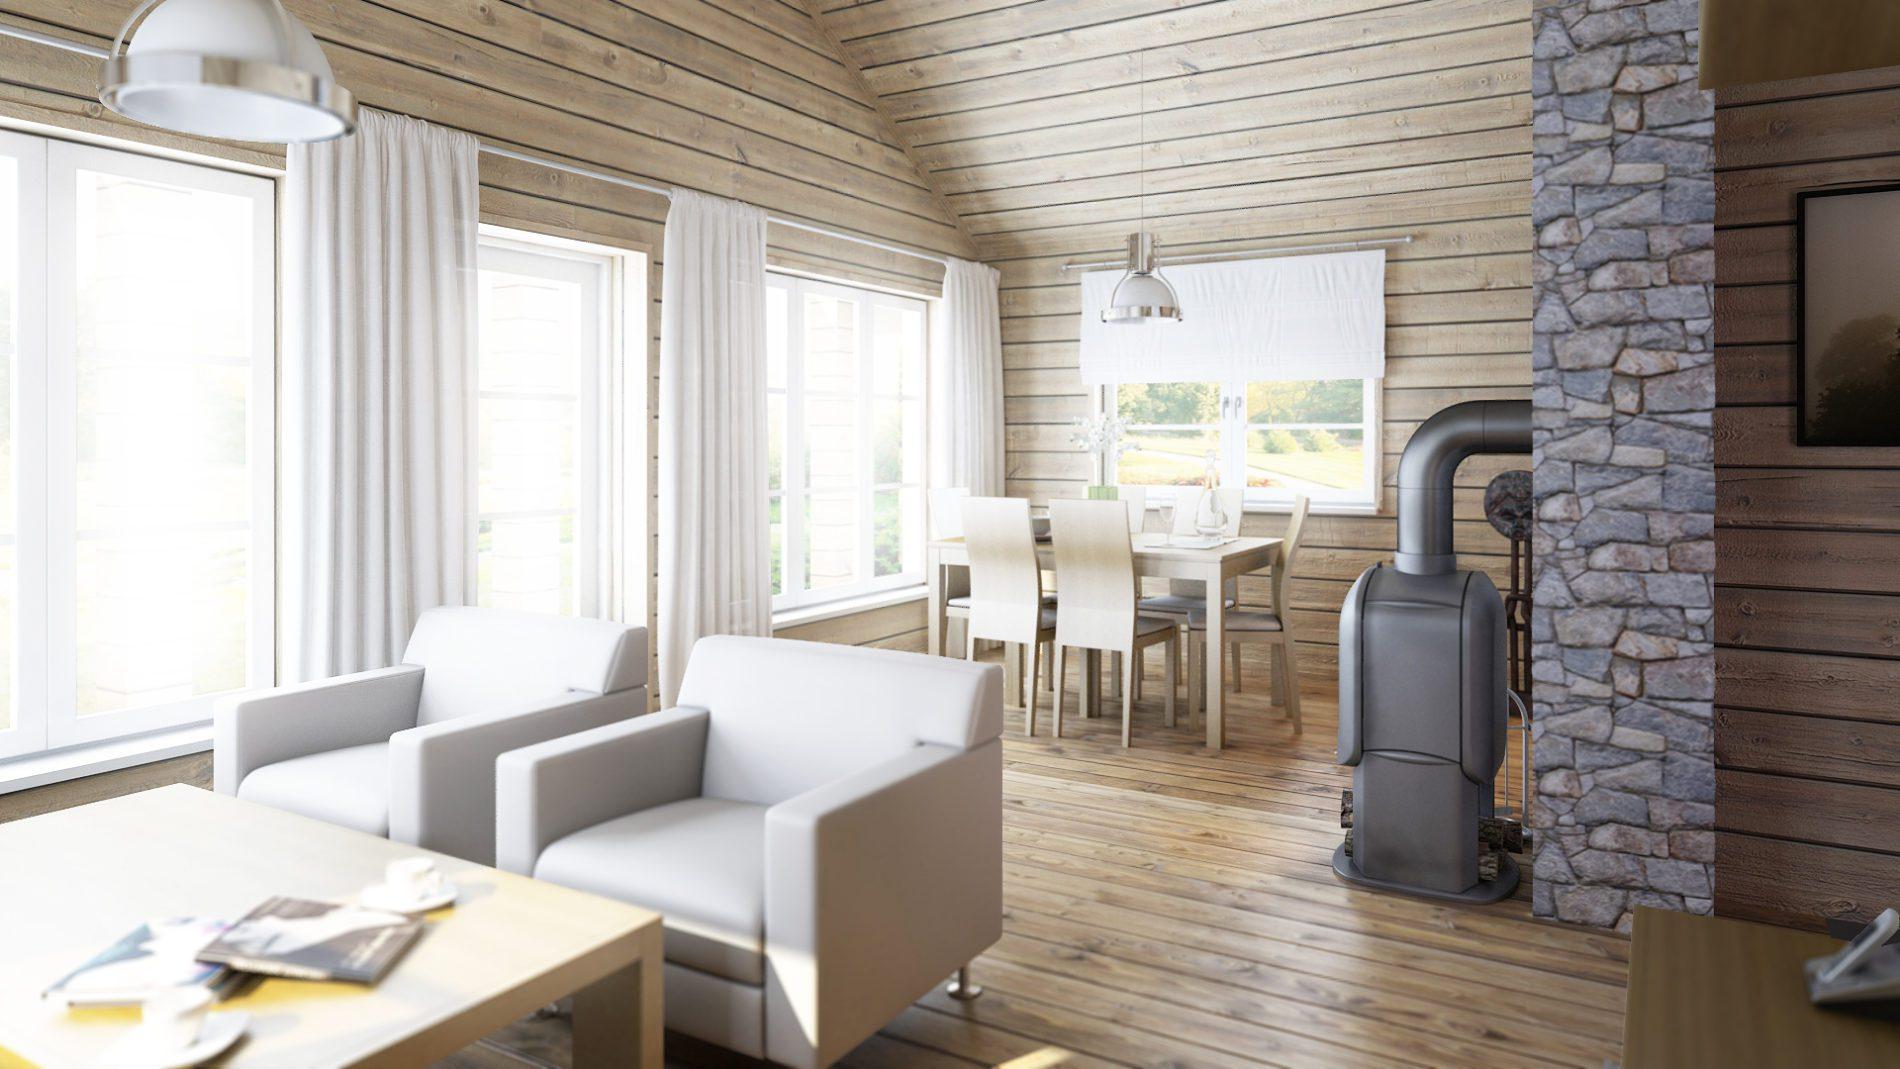 wizualizacja otwarty salon połączony z jadalnią